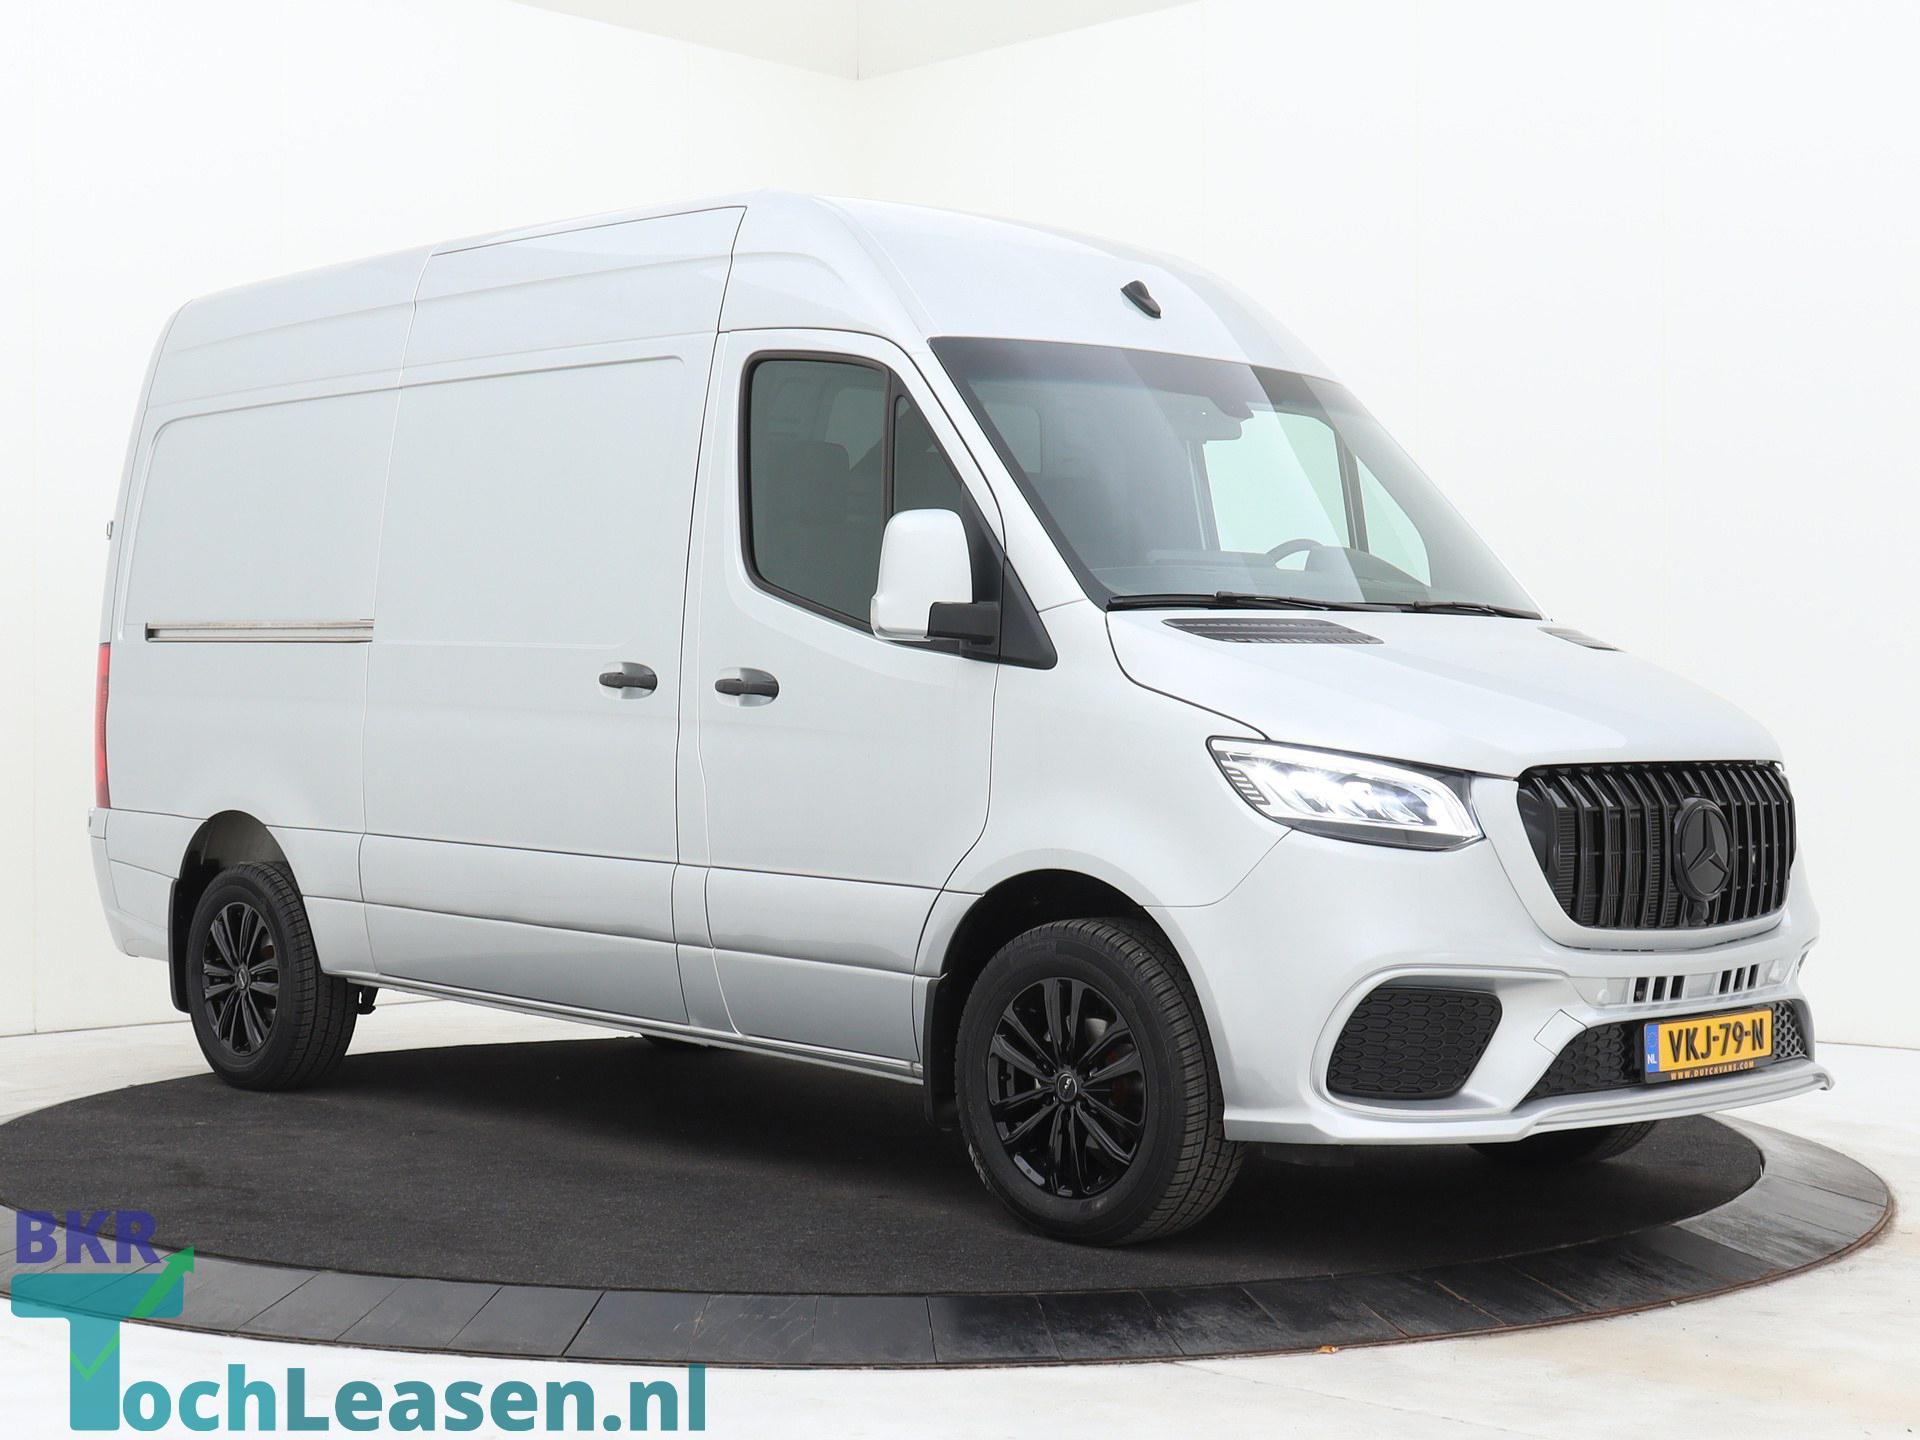 BKR toch leasen - Mercedes-Benz Sprinter - Zilver 18